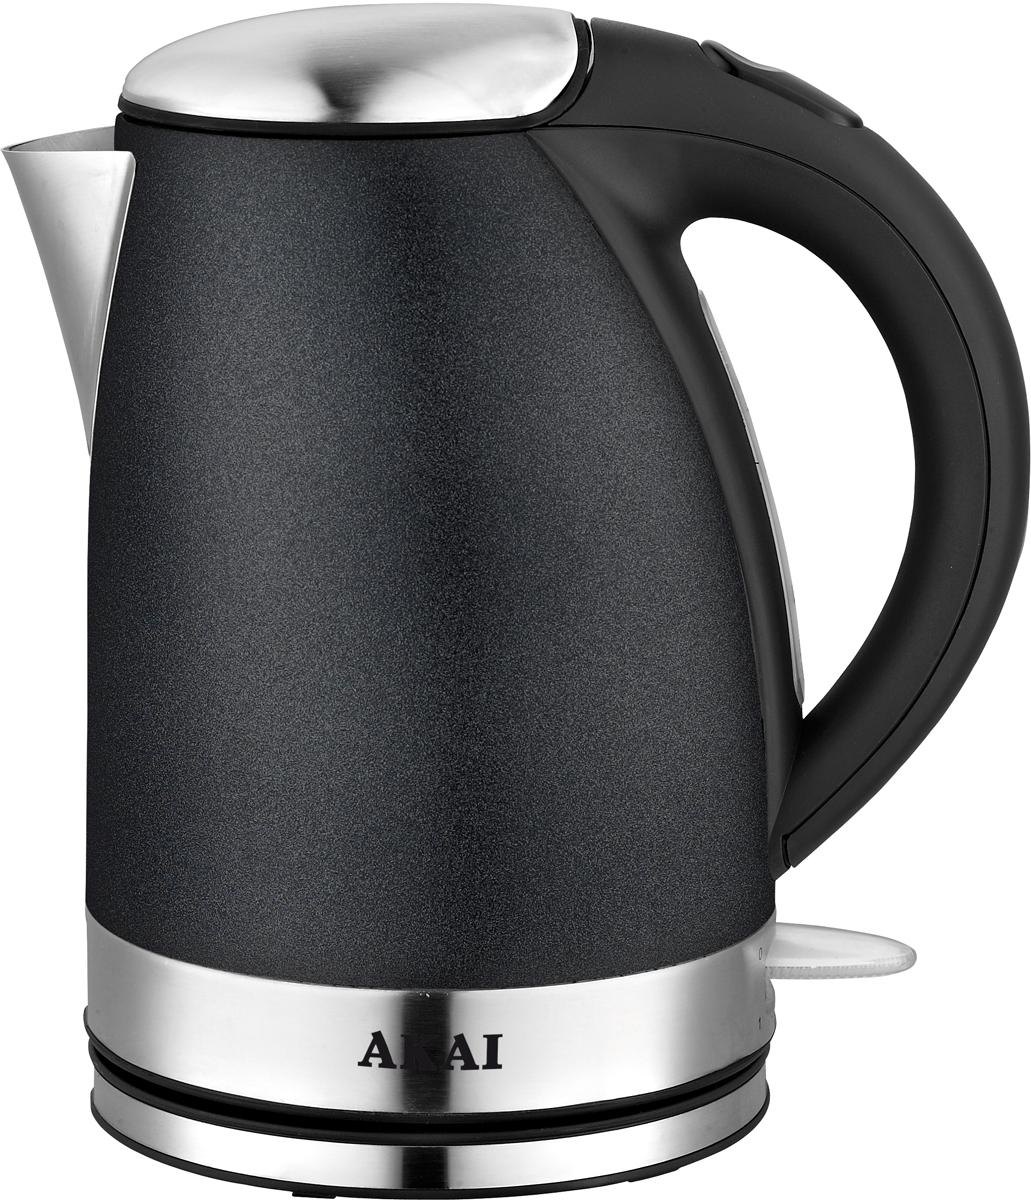 Akai 1014В, Black электрический чайник измельчитель для специй электрический akai цвет черный